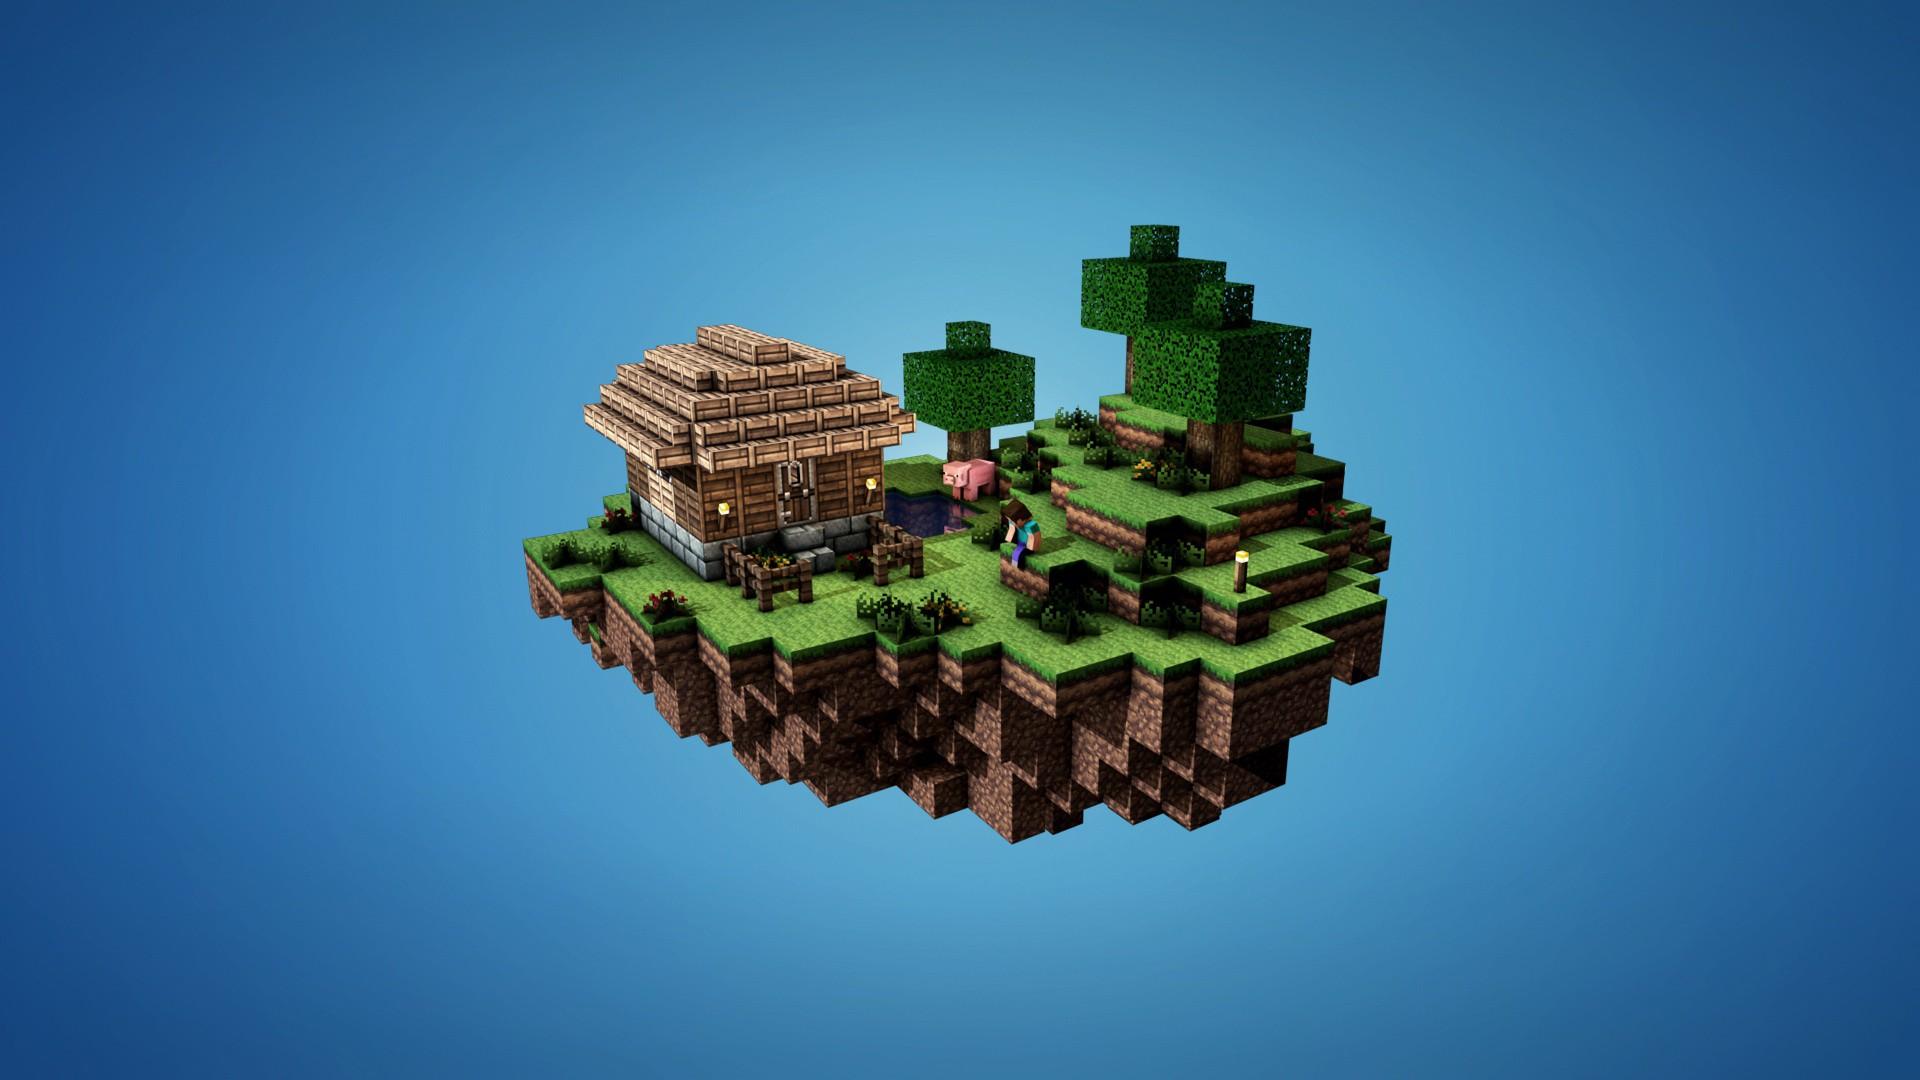 Top 10 Minecraft Wallpapers 3/10